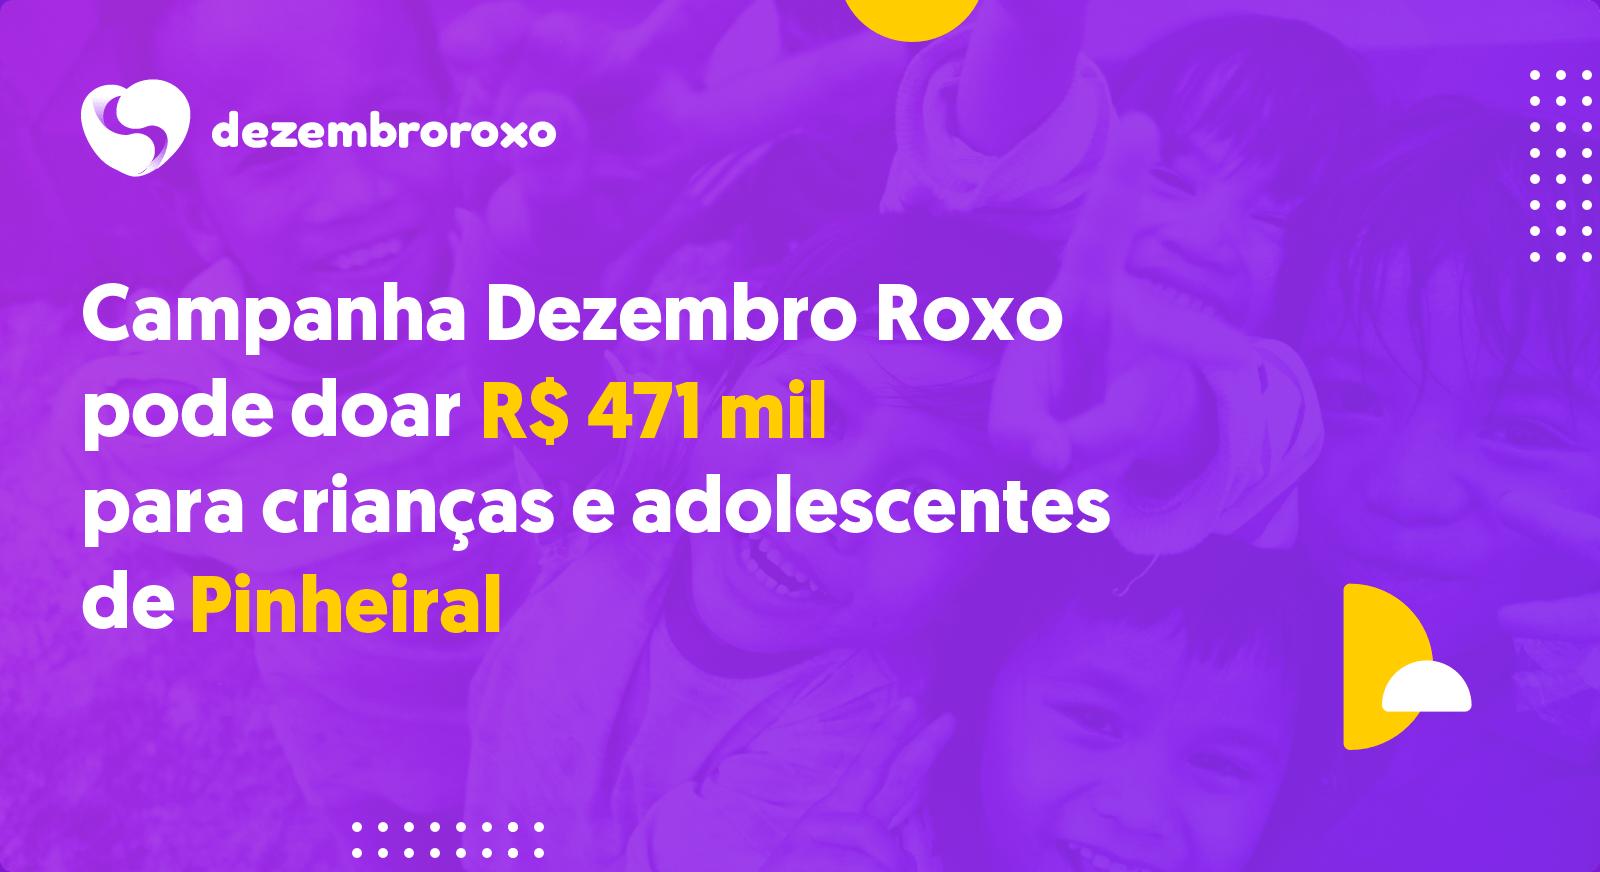 Doações em Pinheiral - RJ